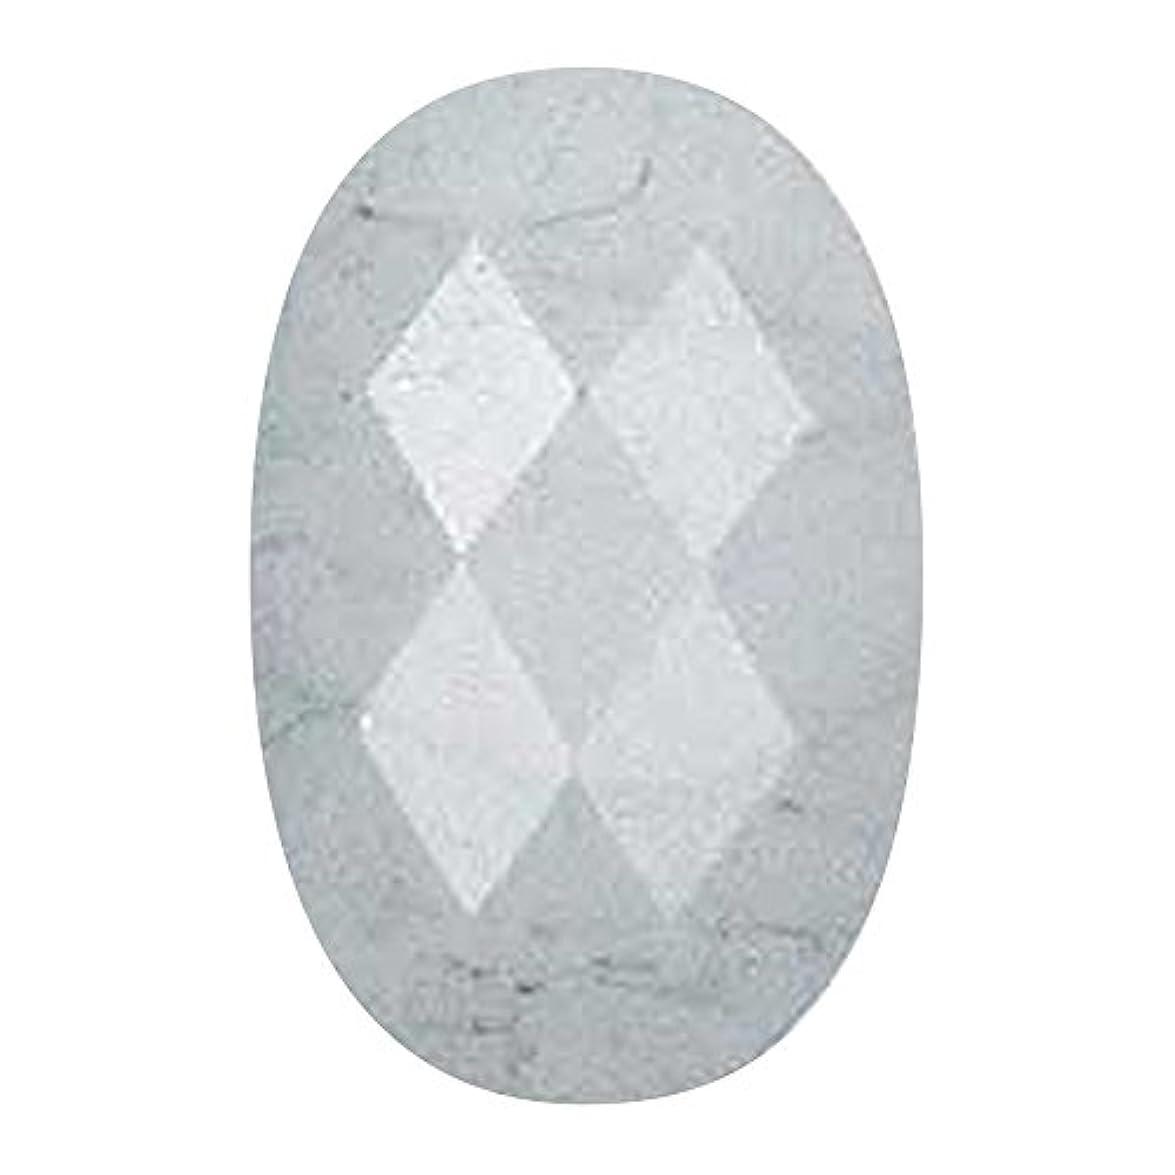 典型的な最初にせがむMpetit B678 ビジュー クラウド 20P マーキス?カットの大理石風ストーン アート材